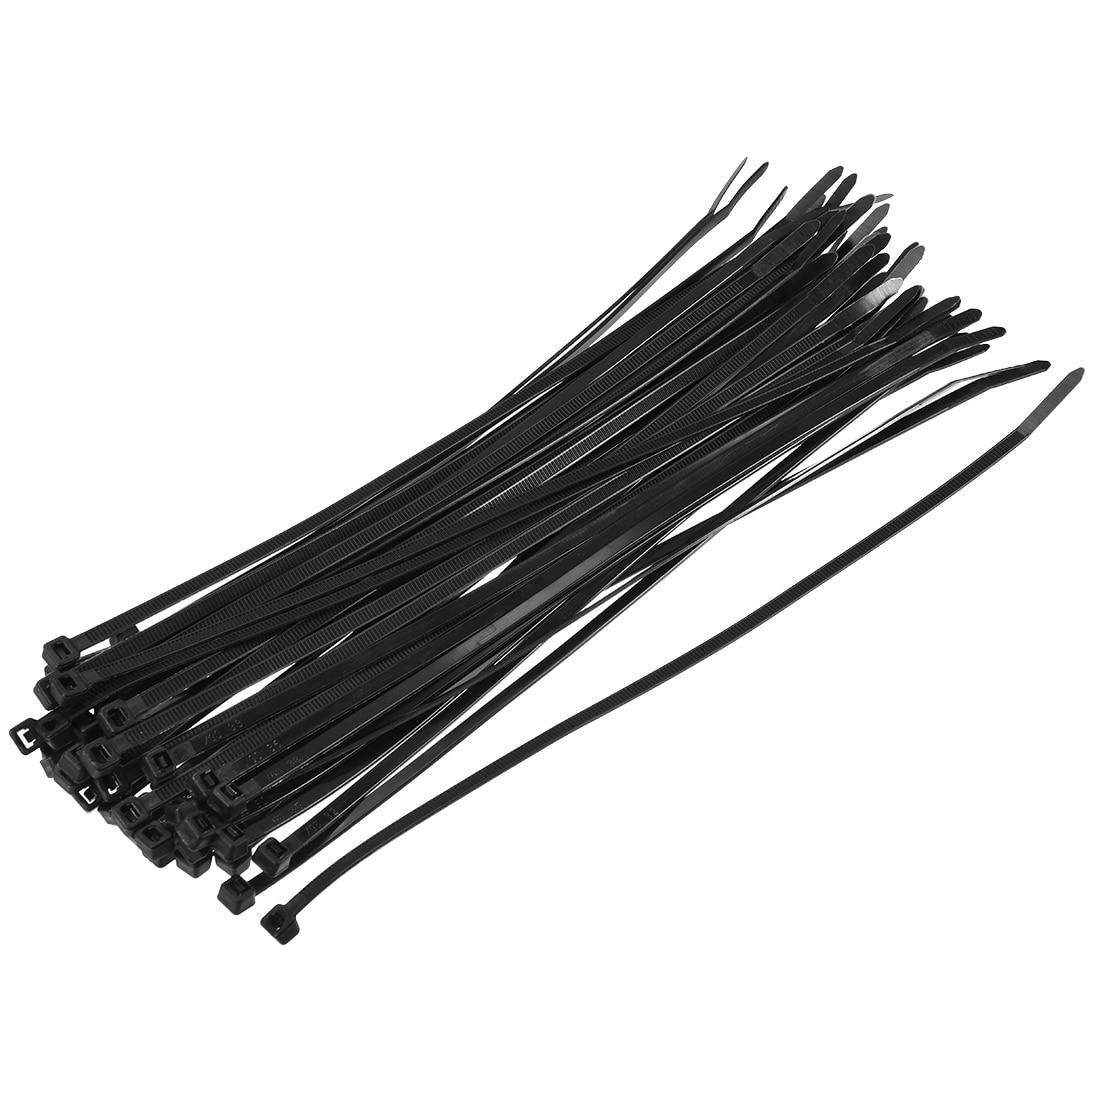 Uxcell-attaches de câble en Nylon   Attaches à fermeture éclair auto-verrouillantes largeur 0.14 pouces, noires 150 pièces